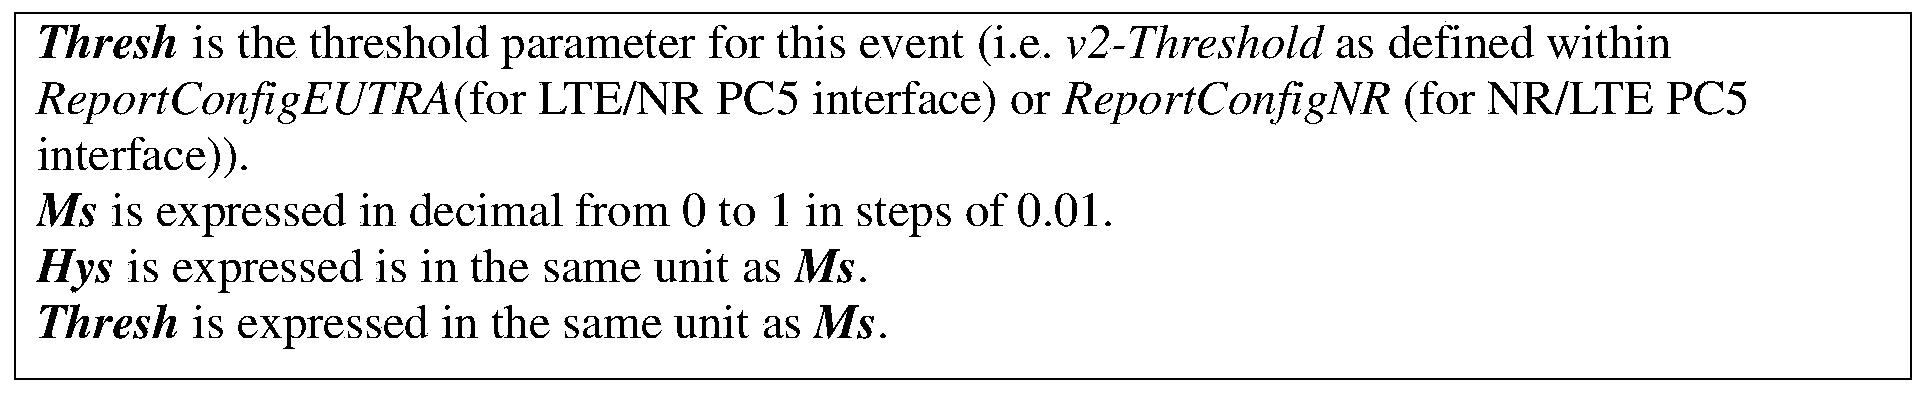 Figure PCTCN2019115032-appb-000006